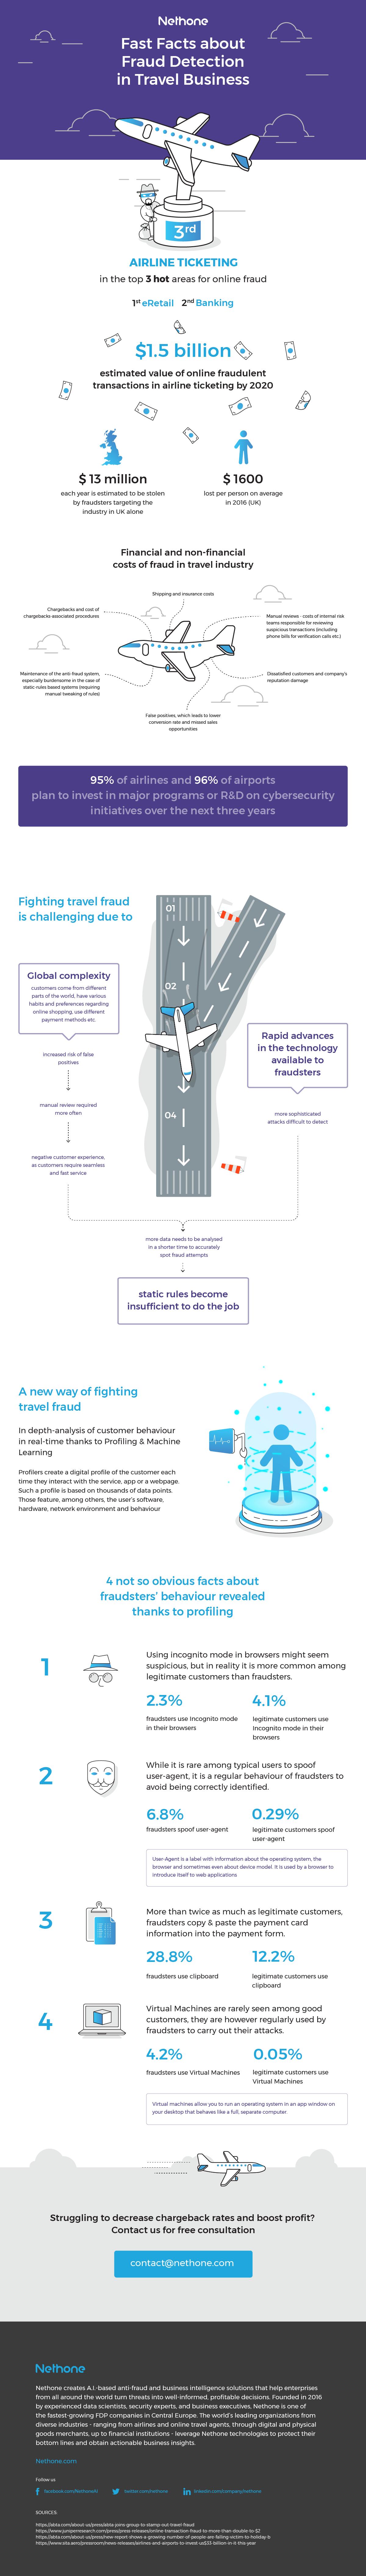 infographic Nethone